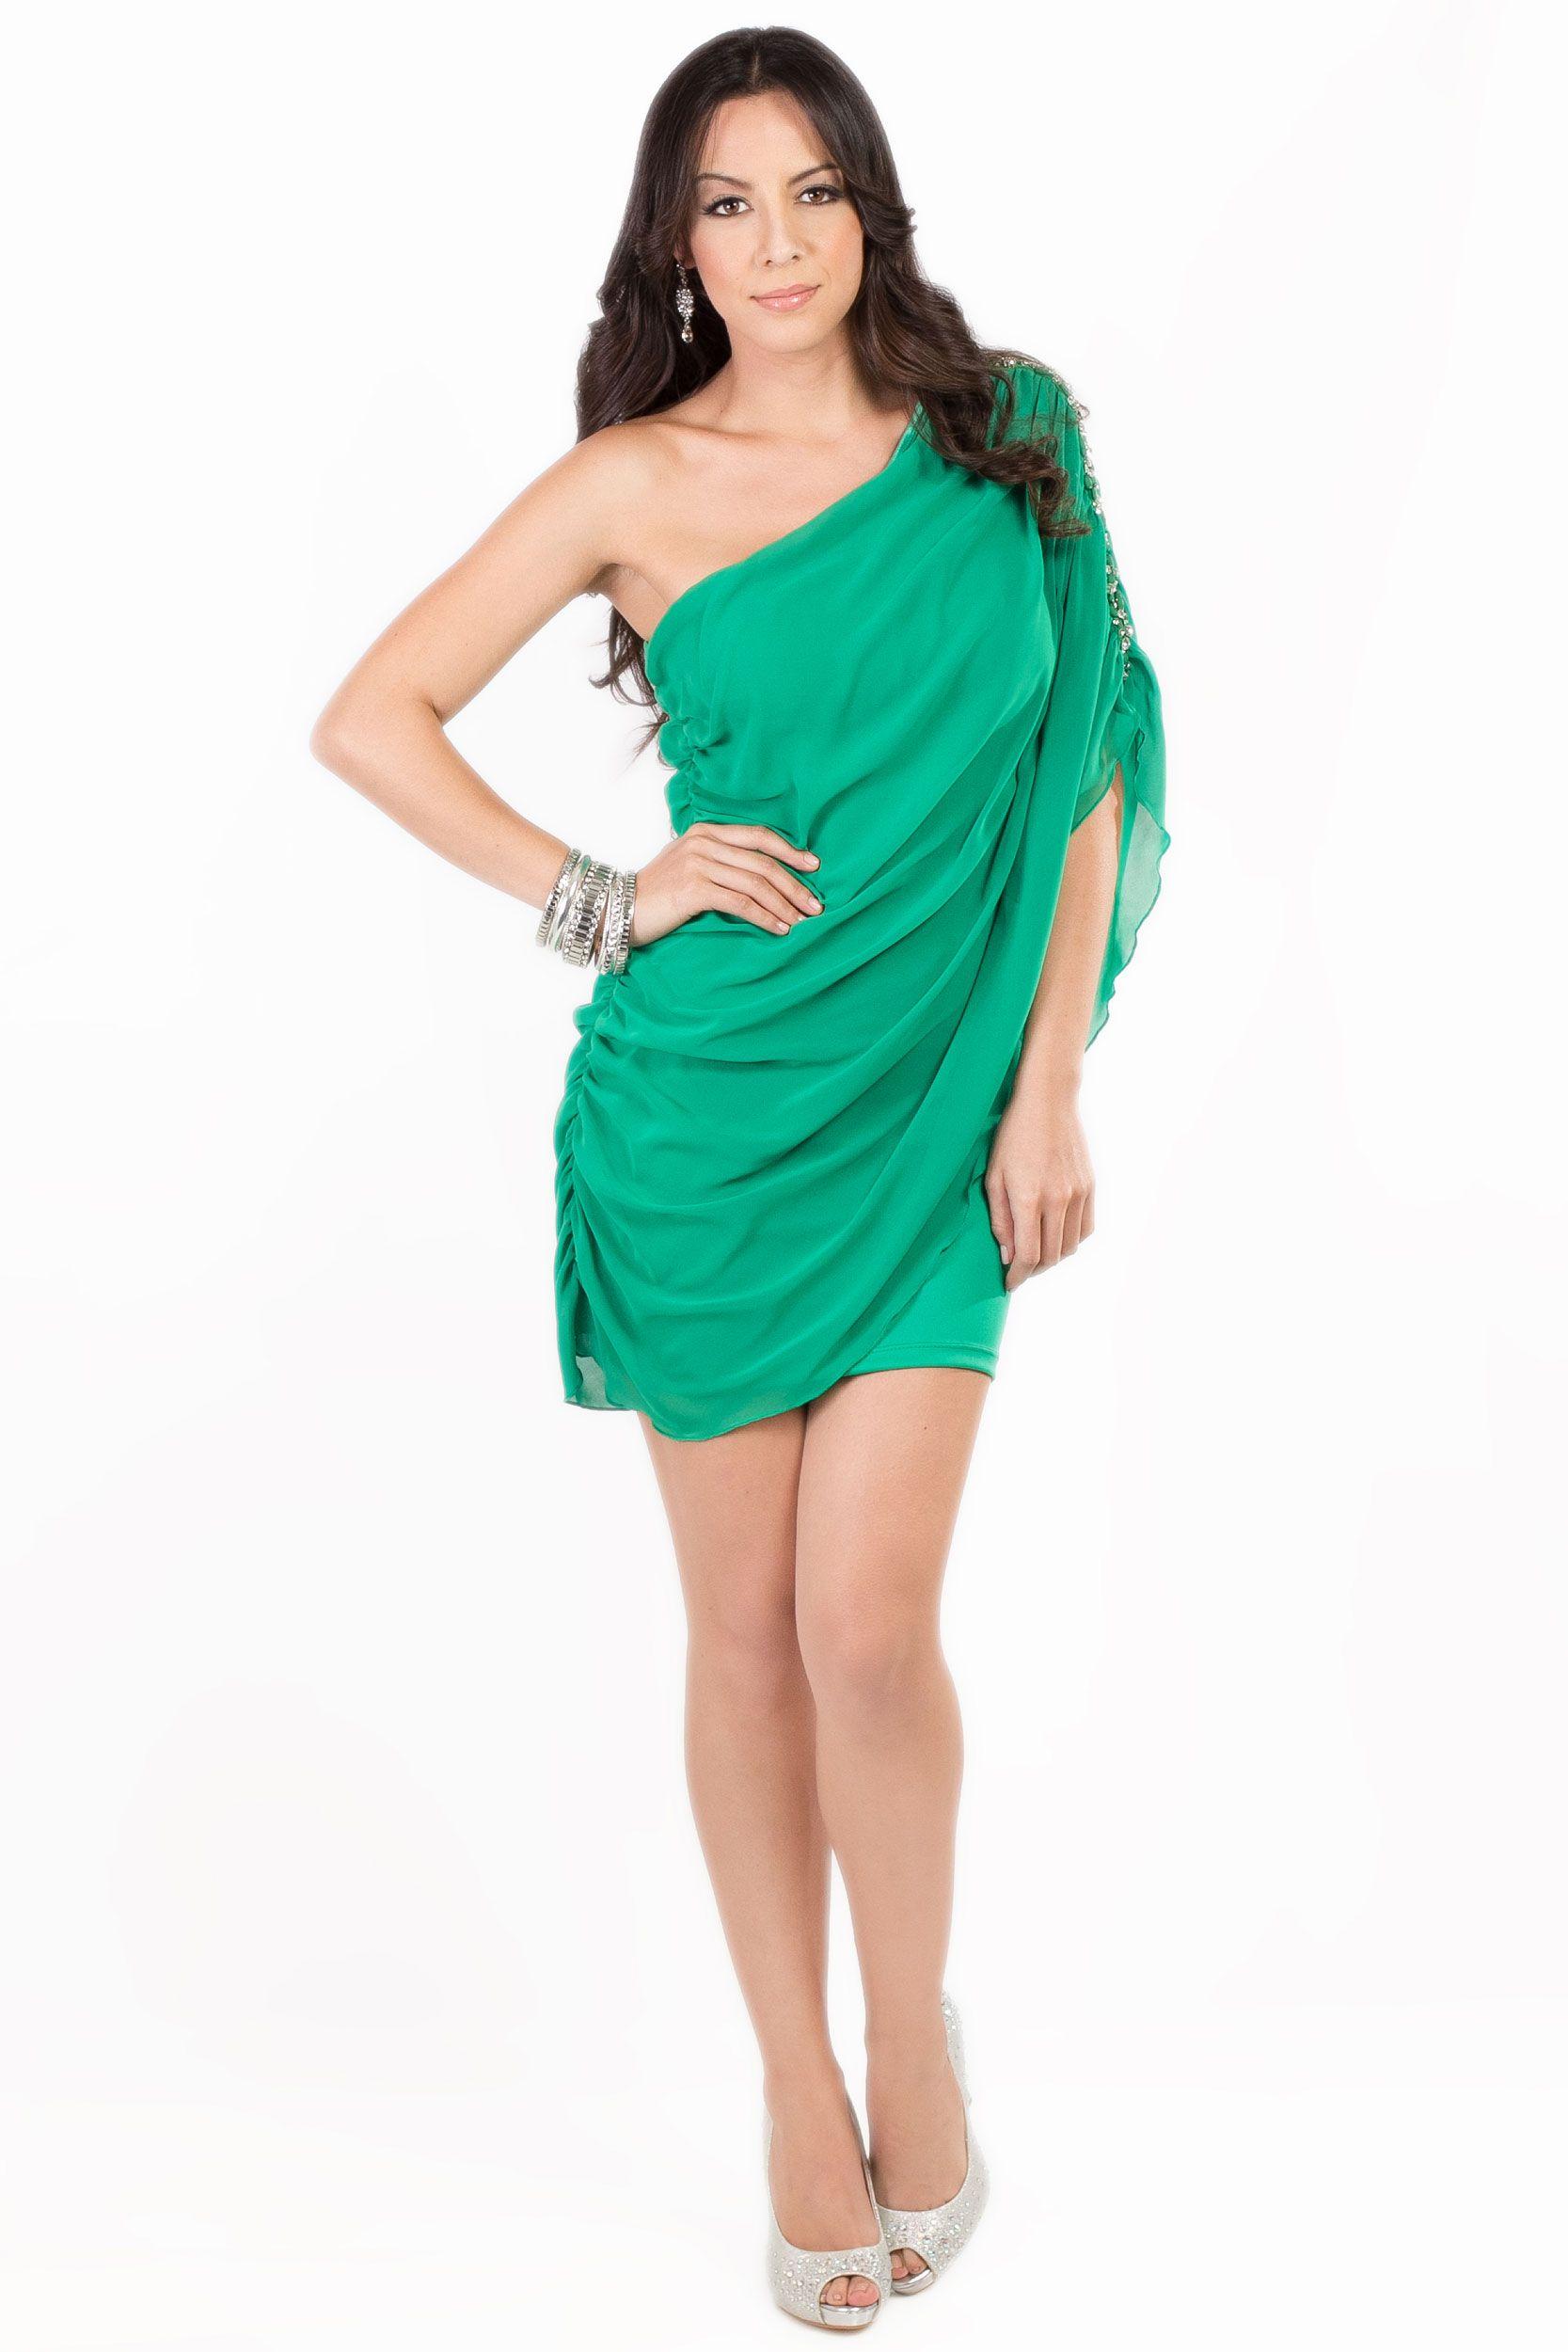 c6fdac08 El look perfecto KAMI para una noche de gala. Vestido Verde: Q.325 Pulseras  Plateadas: Q.115 Aretes: Q.85 Zapatos de Tacón Plateados: Q.495